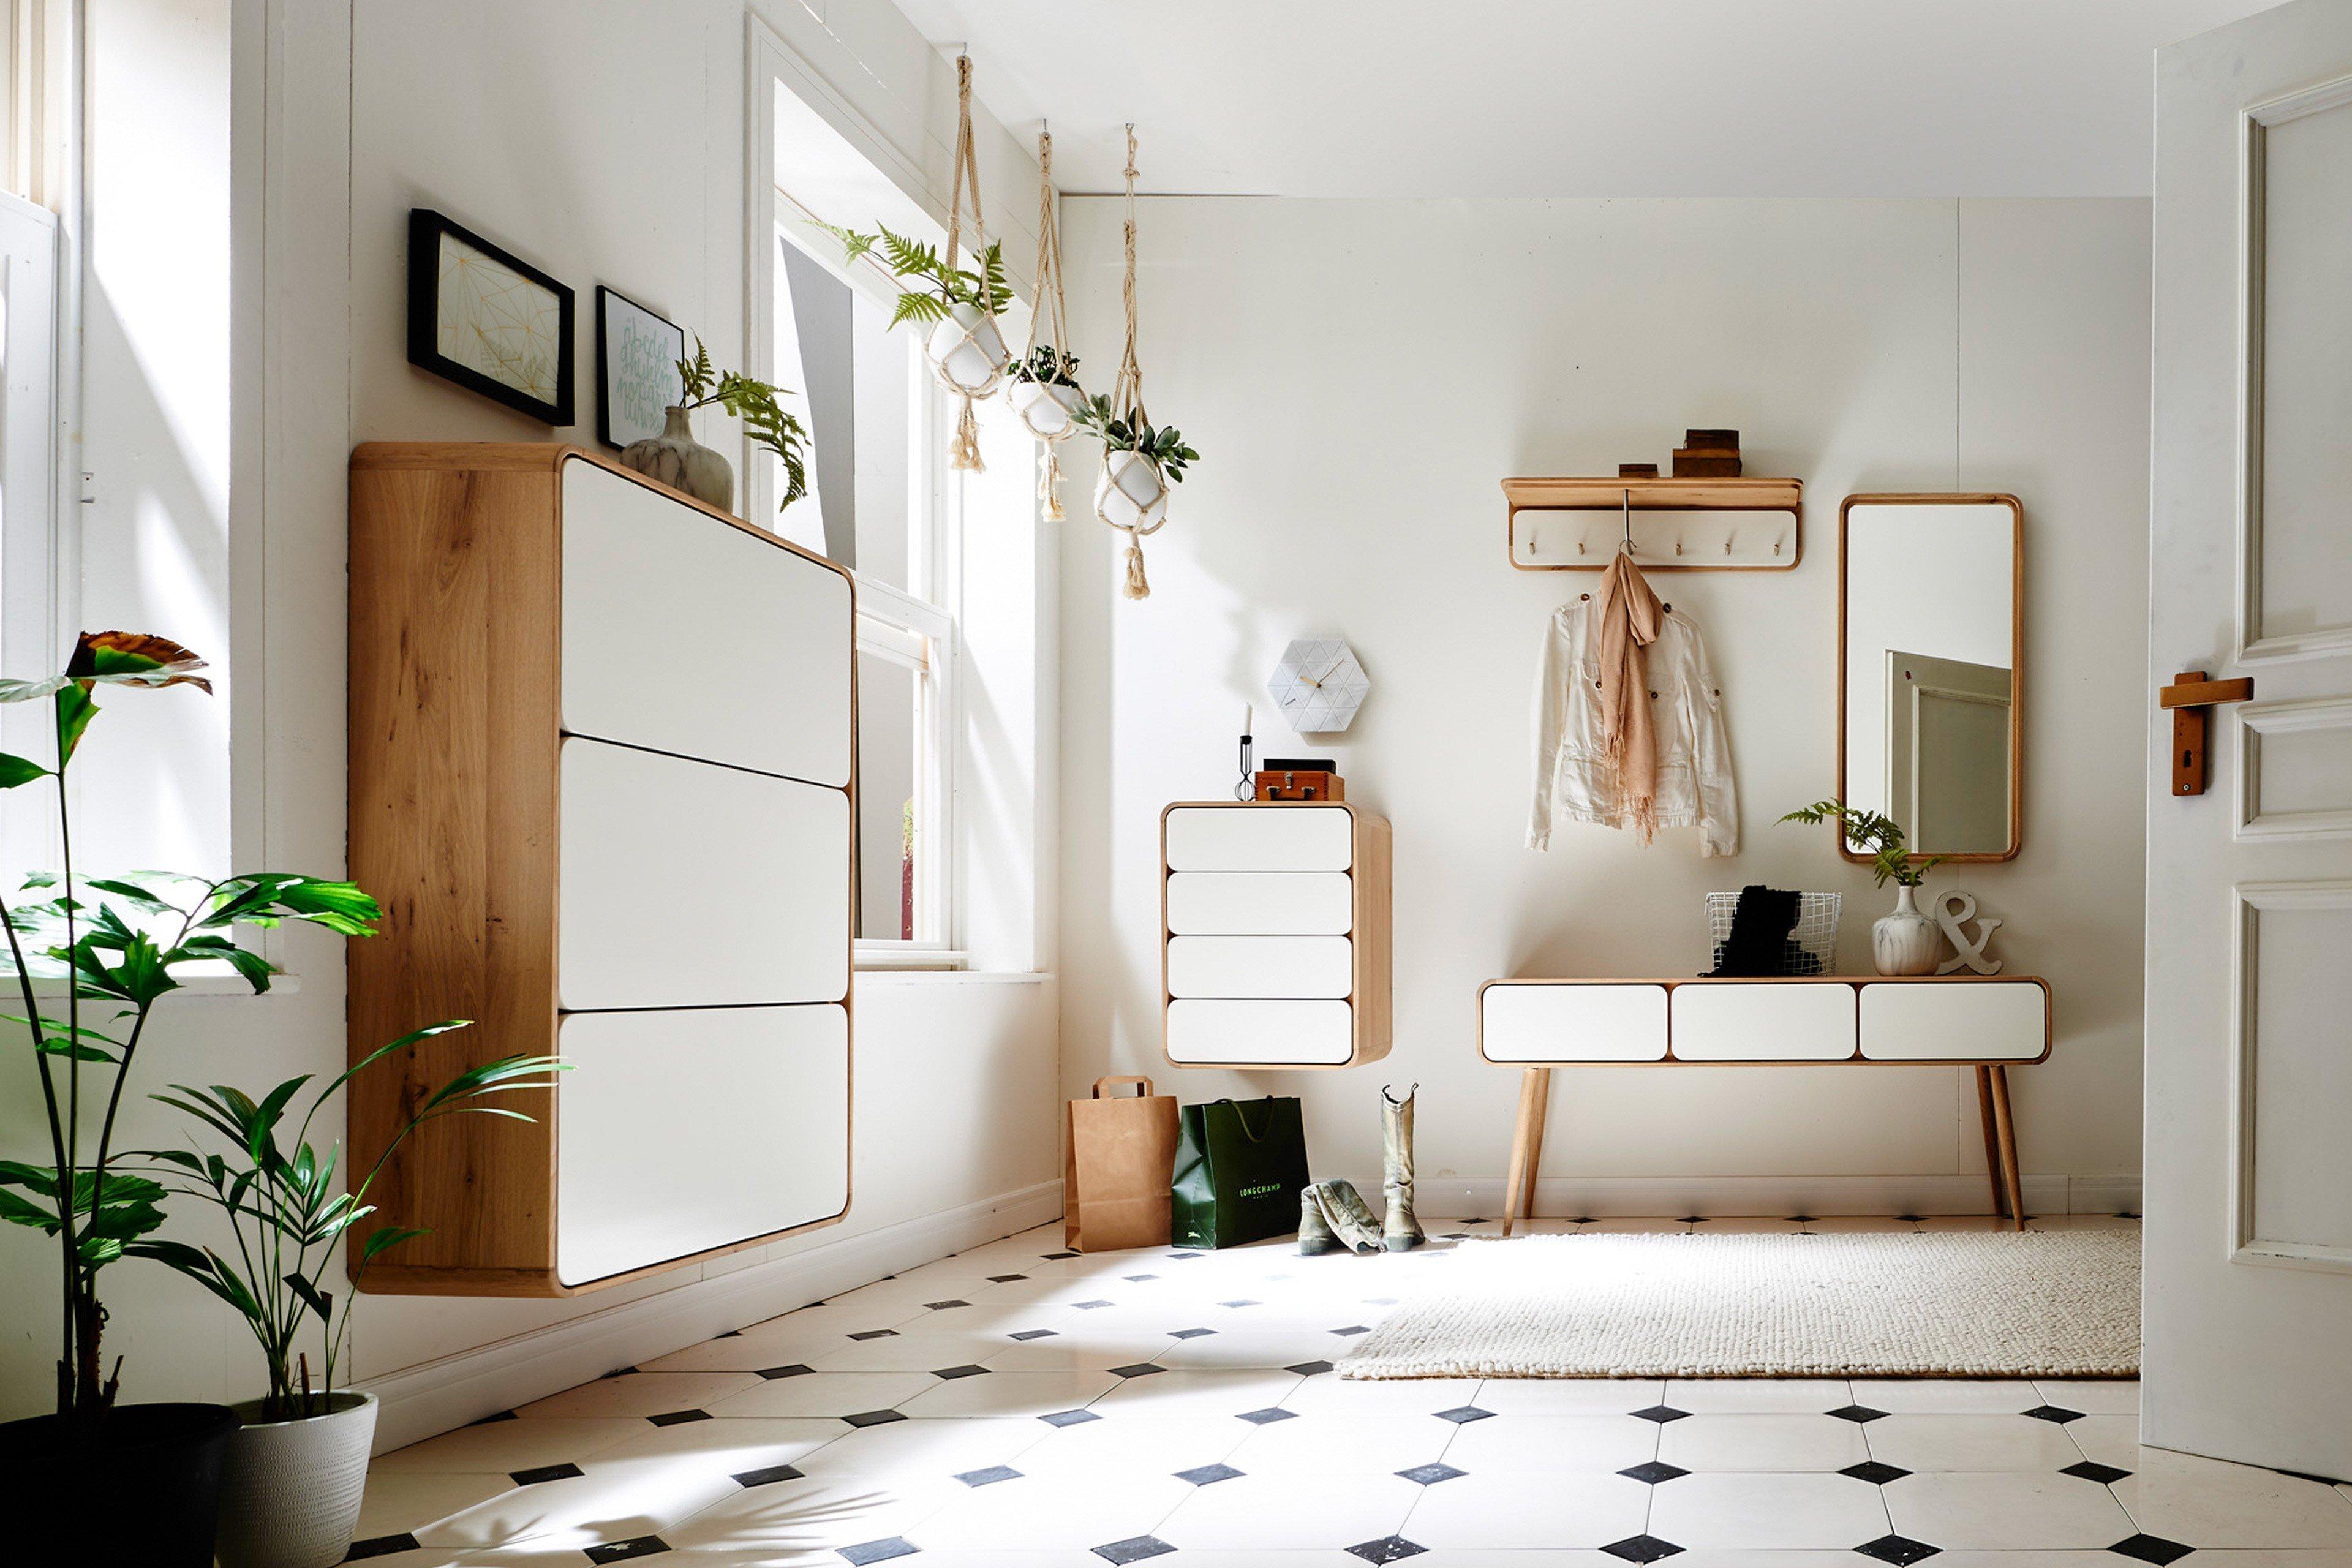 garderobe retro wildeiche teil massiv mit wei en t ren fronten hkc m bel letz ihr online. Black Bedroom Furniture Sets. Home Design Ideas